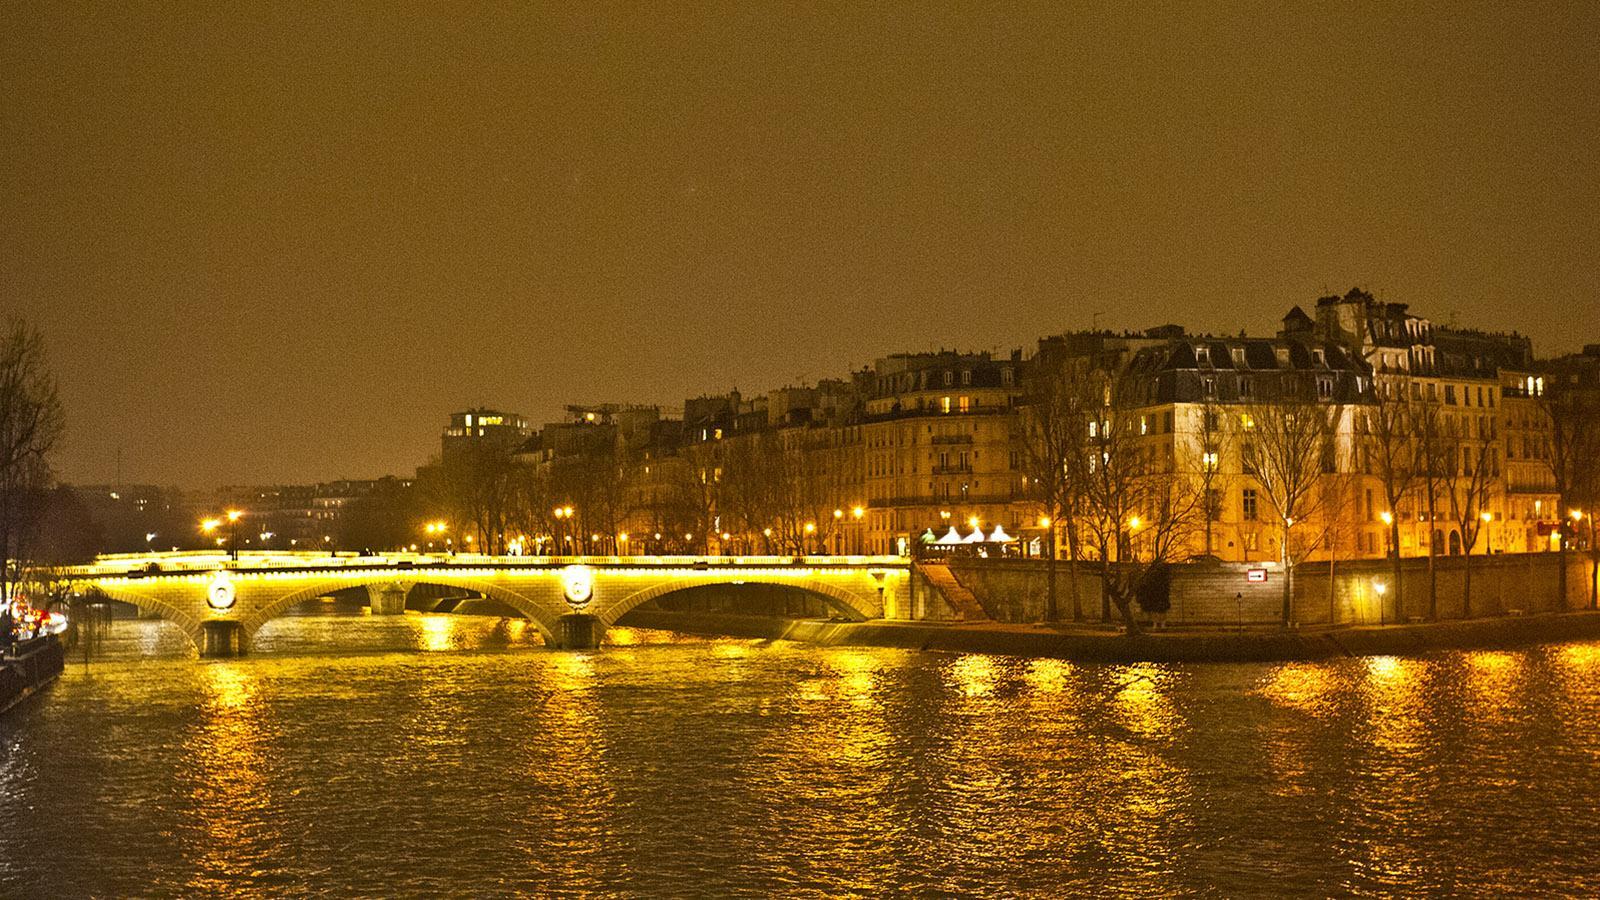 Ville lumière: Nachts werden die Brücken von Paris das ganze Jahr hindurch illuminiert. Foto: Hilke Maunder